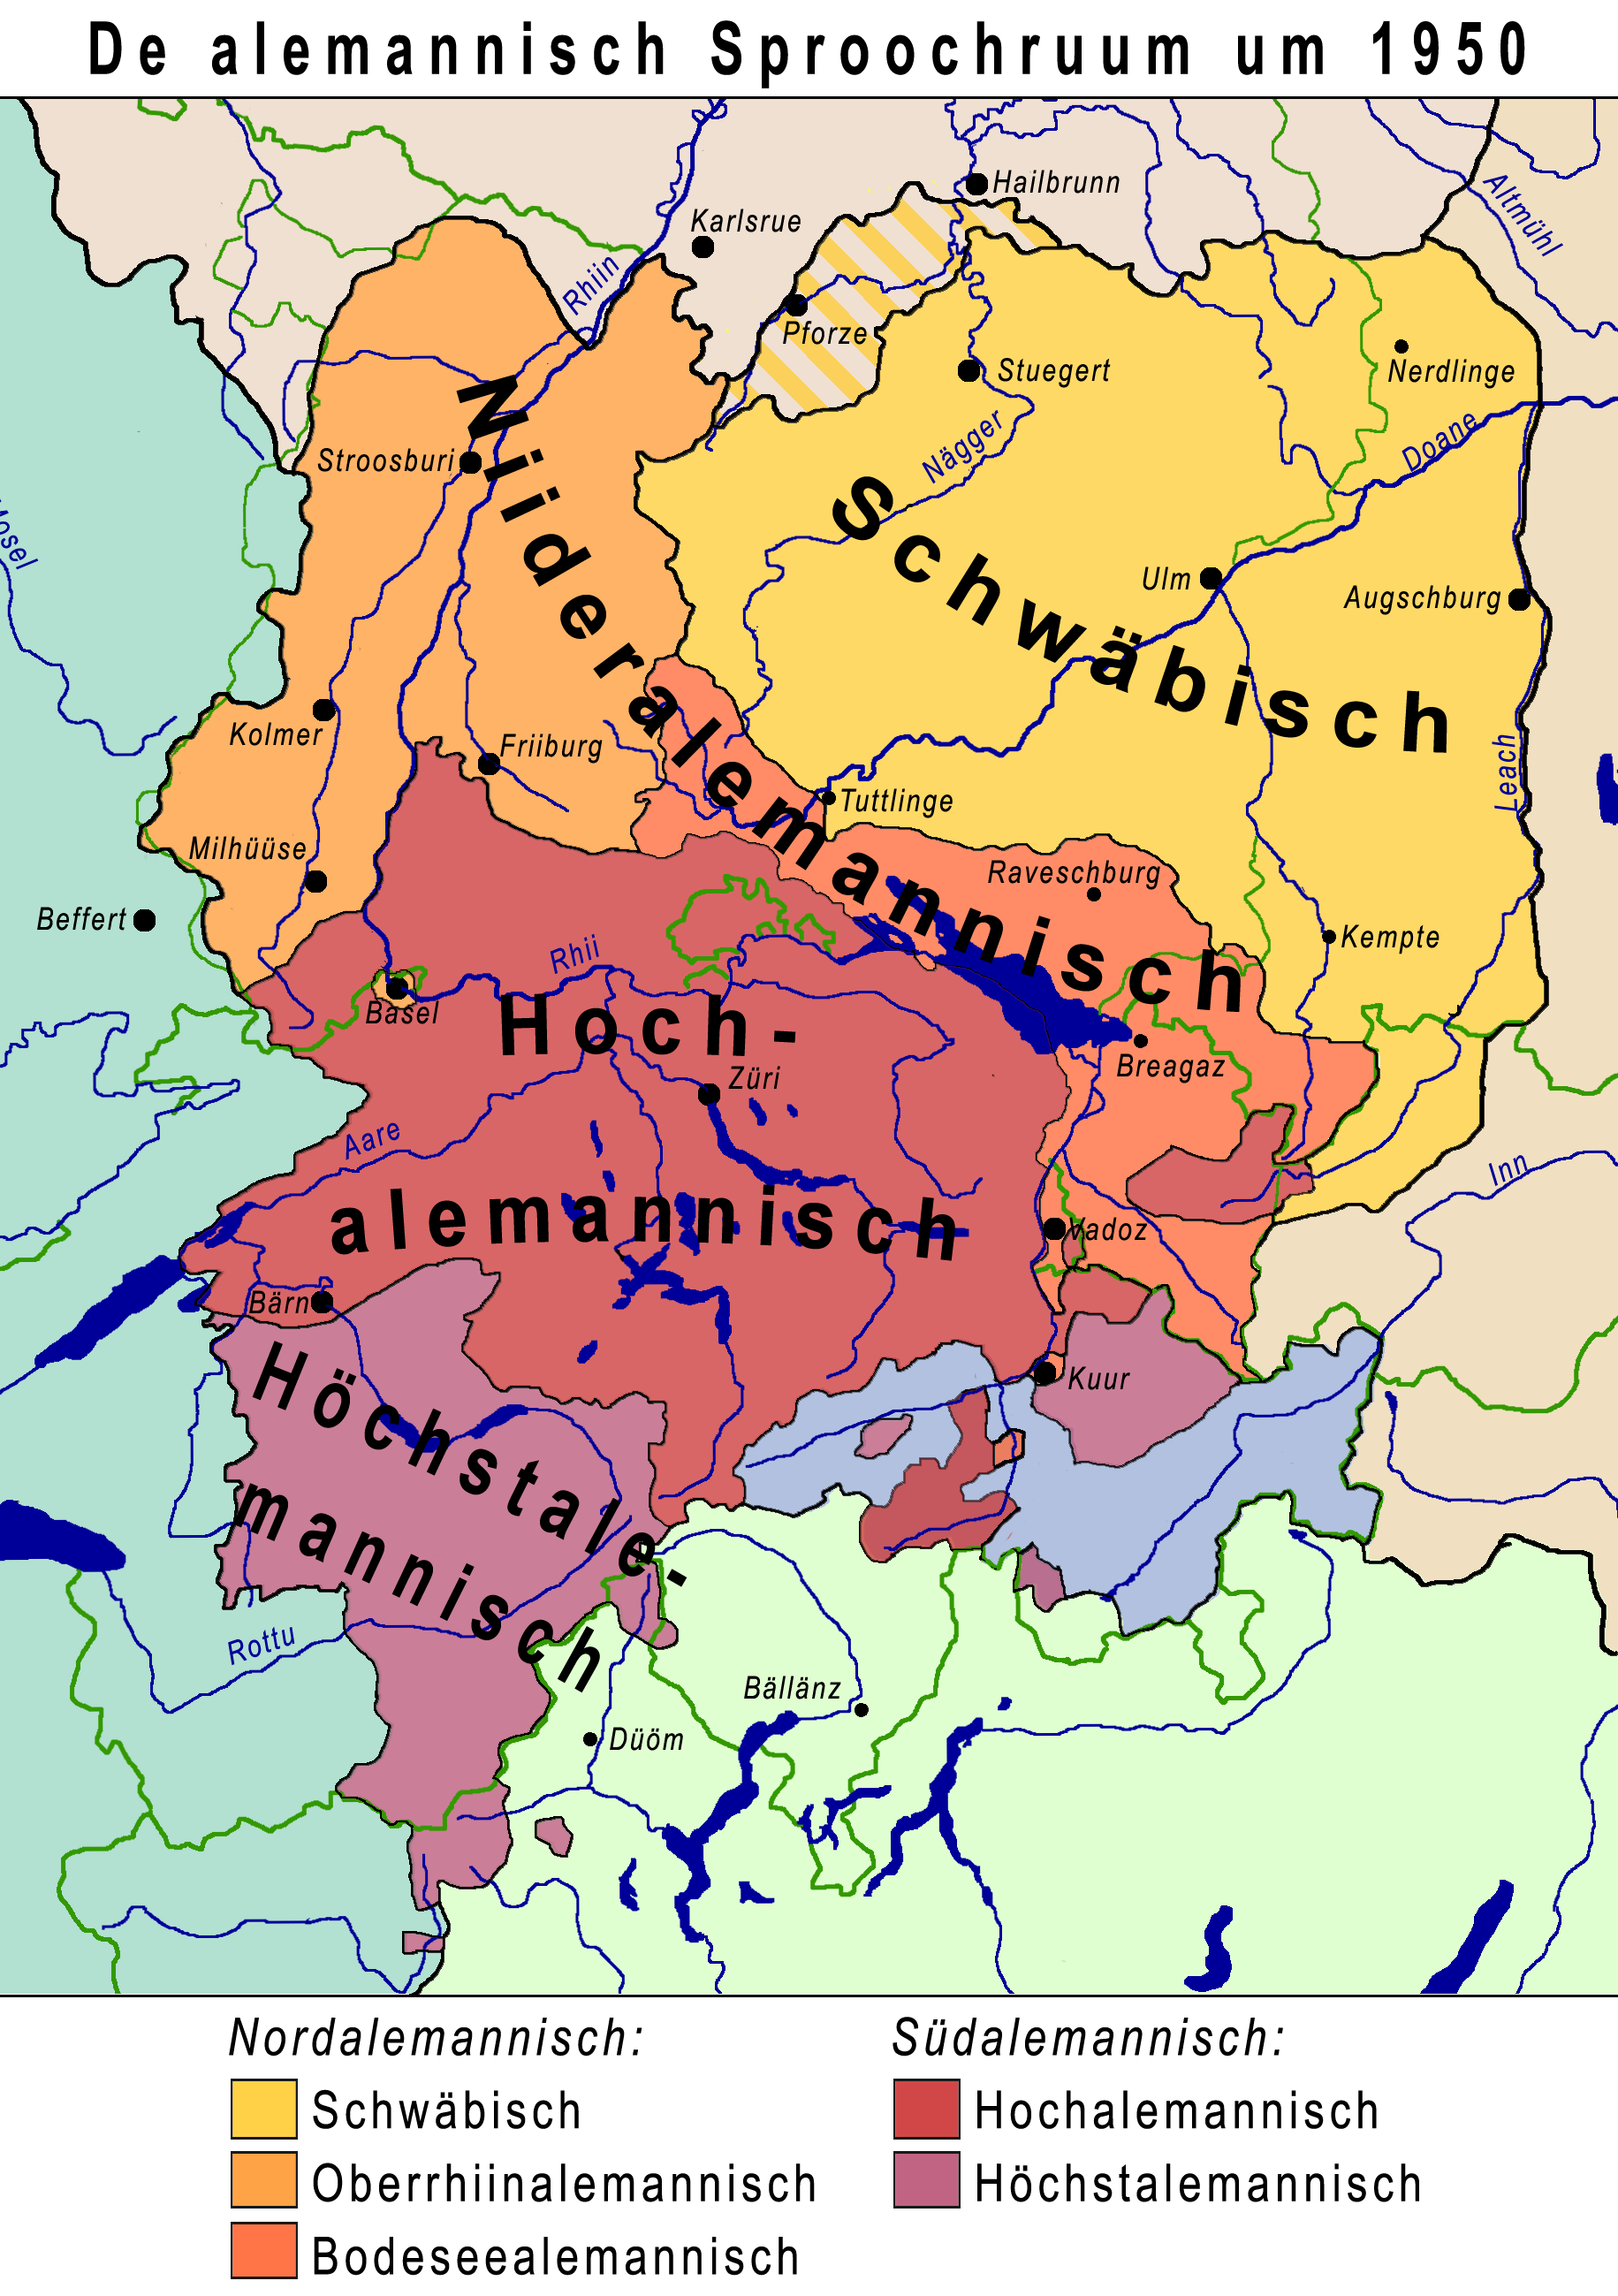 Der Alemannische Sprachraum [7]